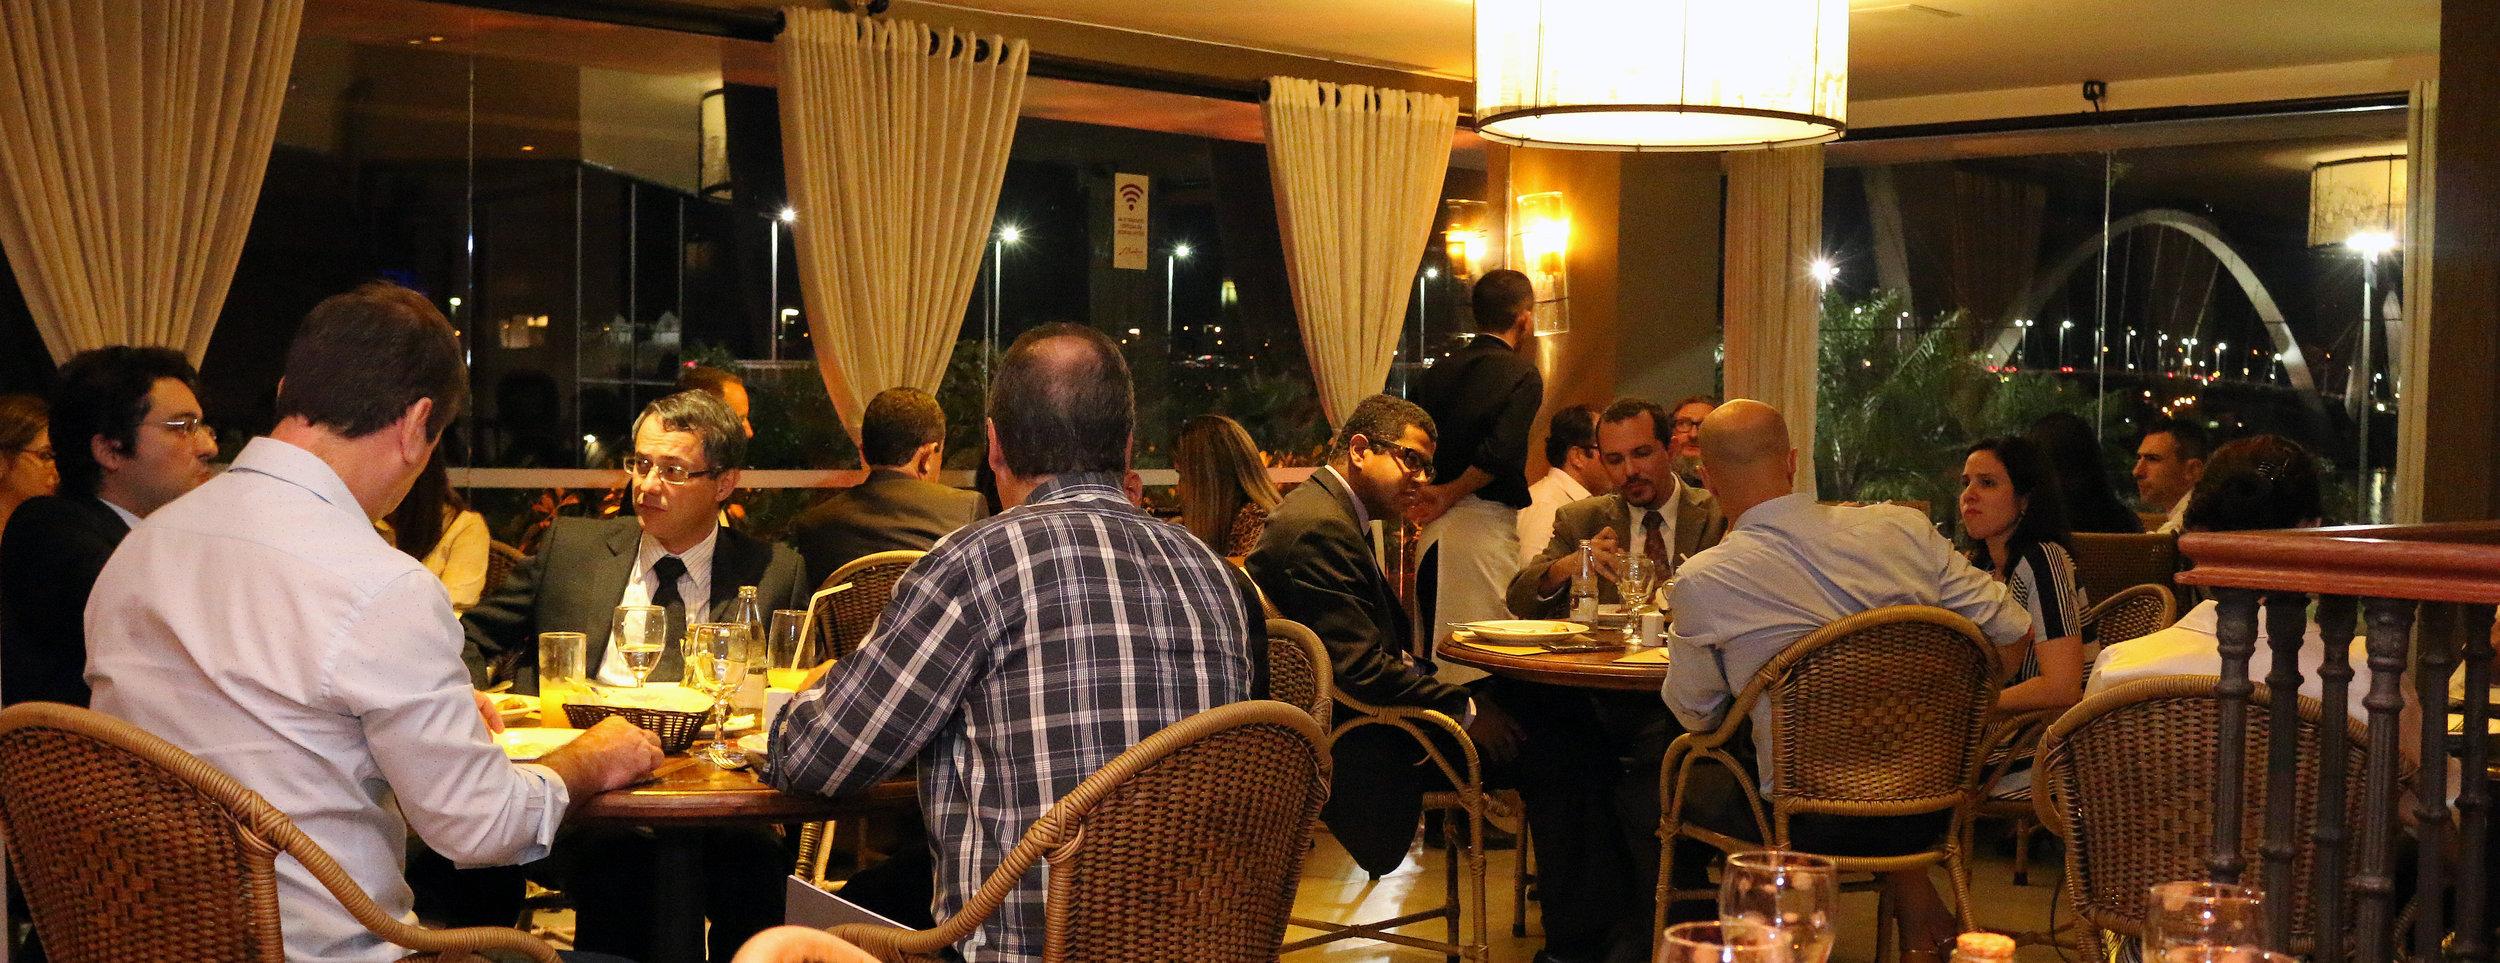 Evento foi realizado em pizzaria próxima à Ponte JK.Foto: Filipe Calmon / ANESP